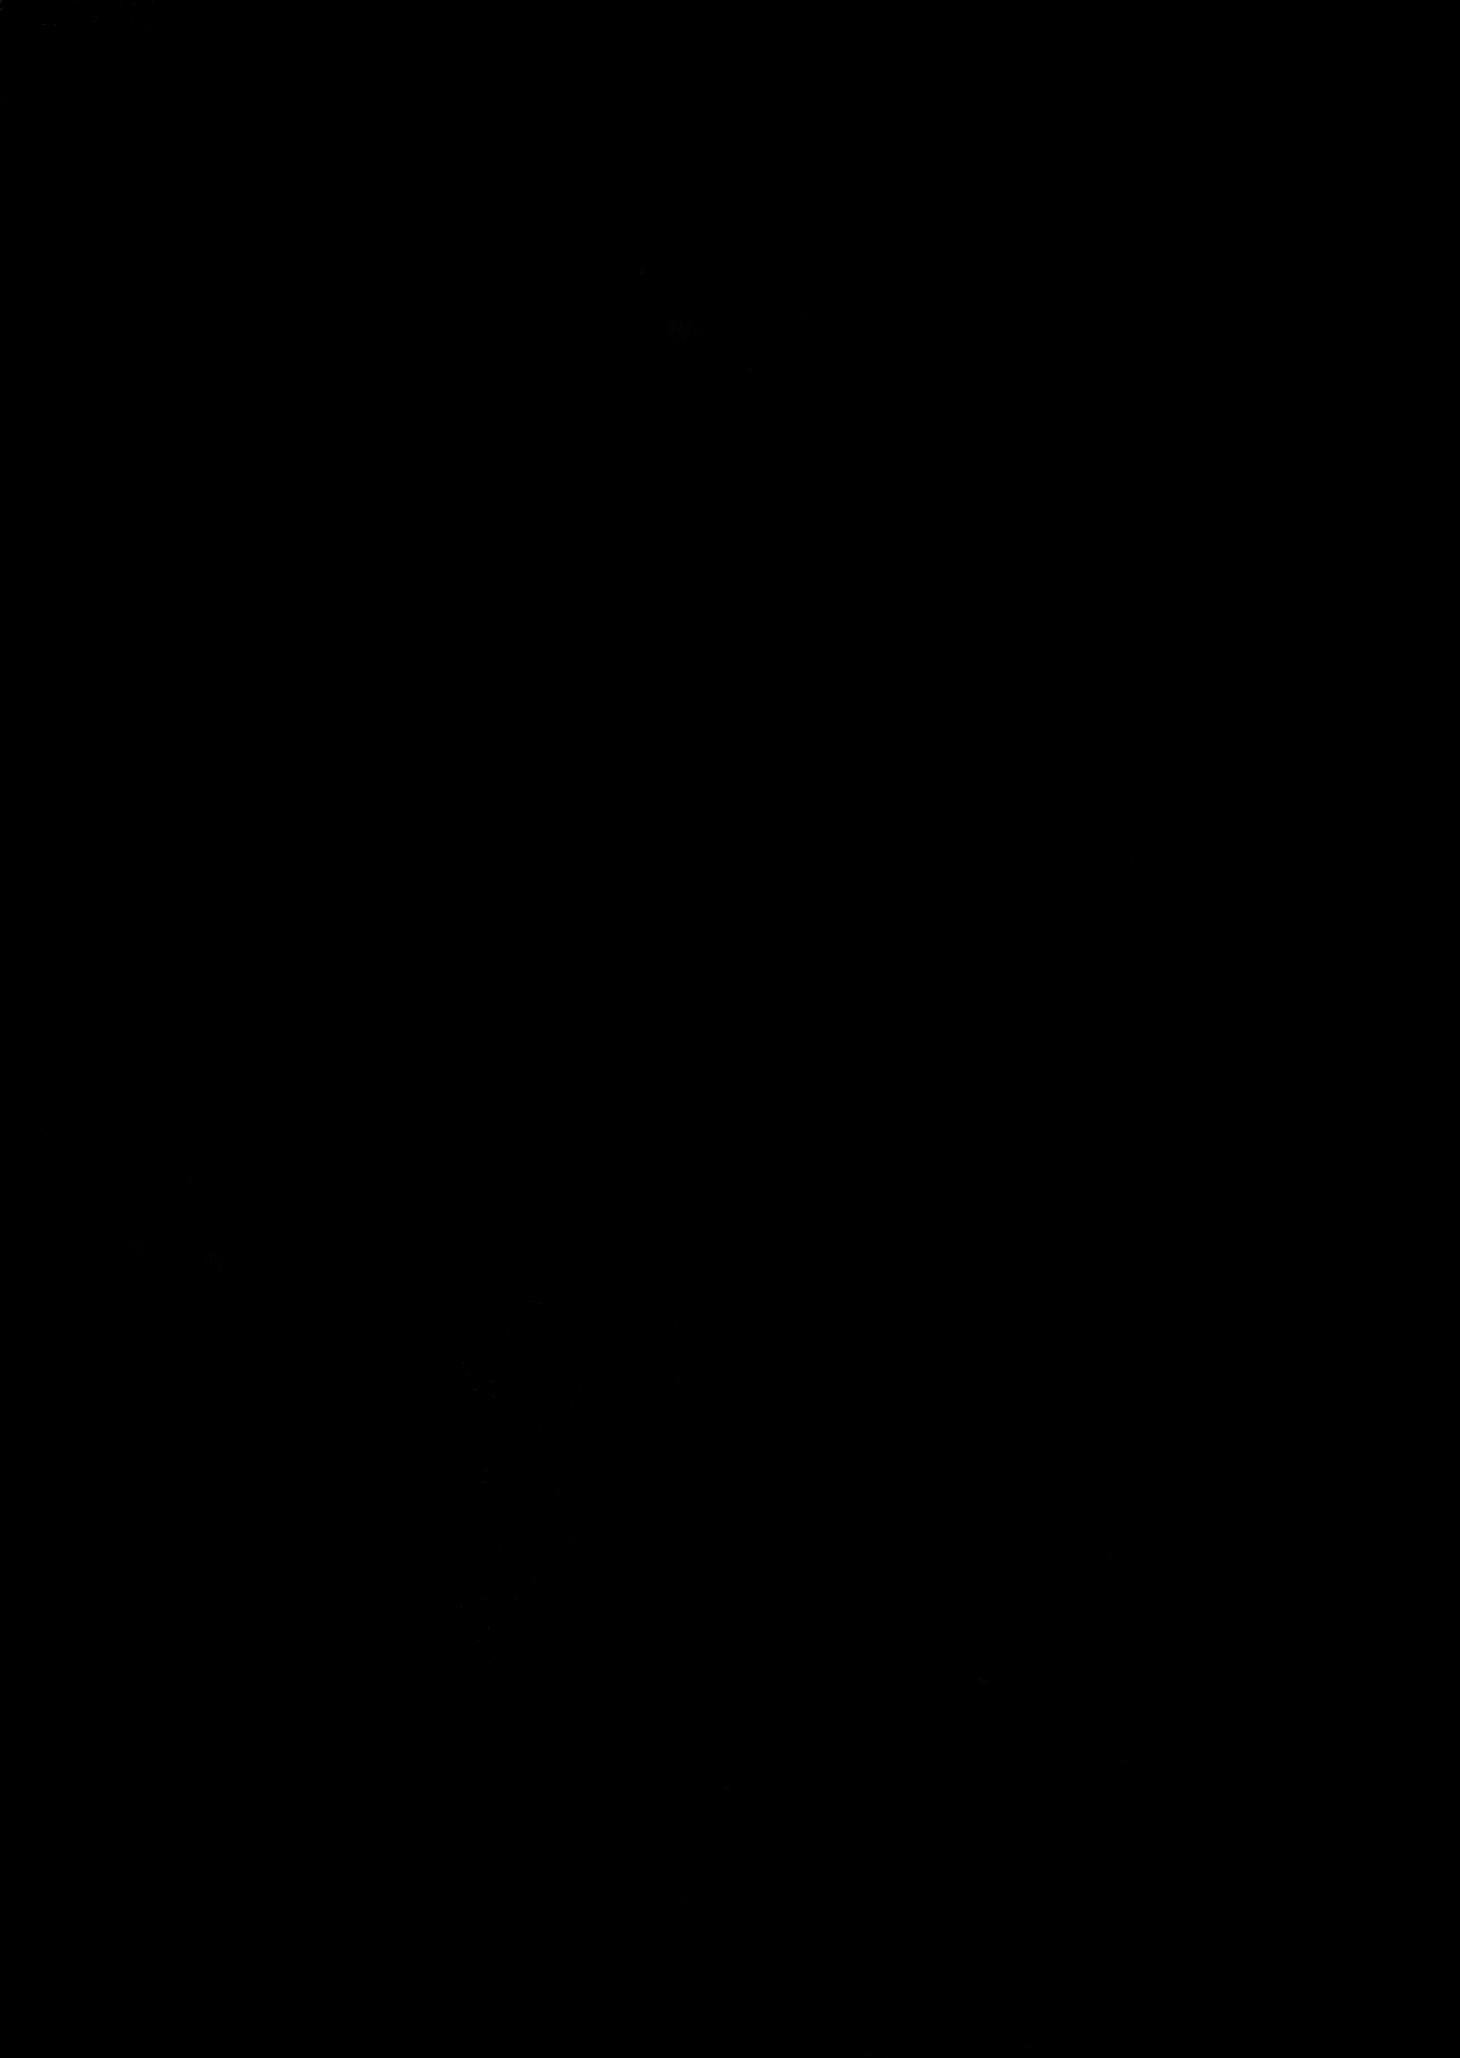 S/2004 S 12